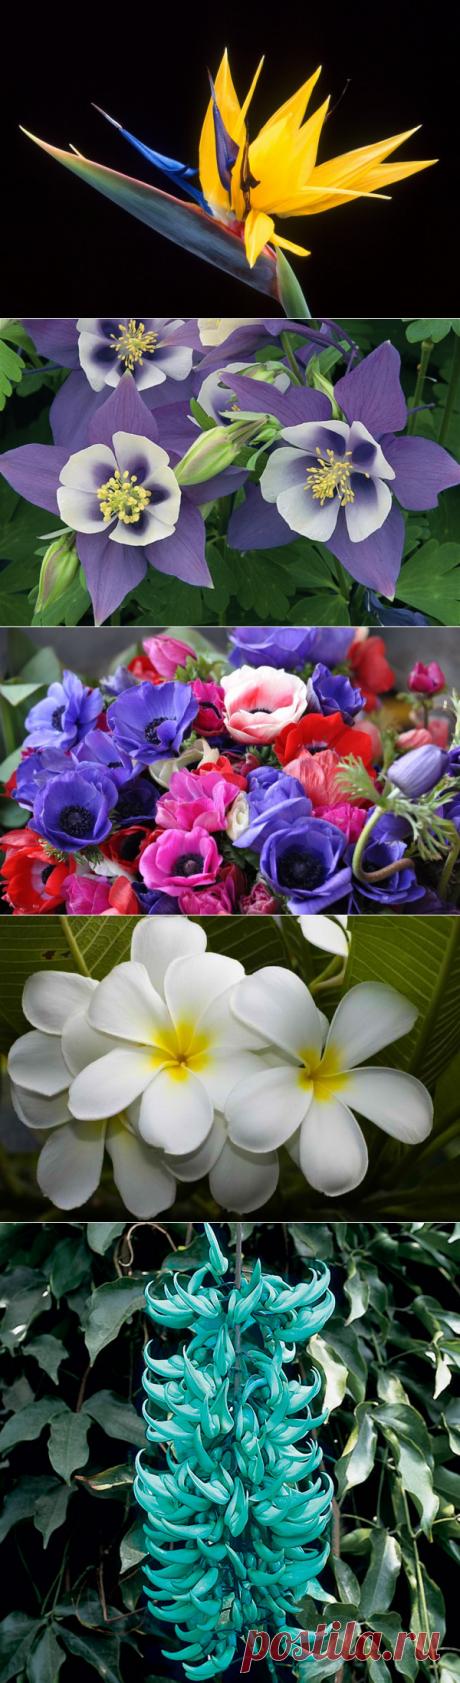 Мы постарались собрать в одном месте самые красивые, на наш взгляд цветы планеты. Конечно же, однозначно назвать какие-то растения красивее других - невозможно, поэтому мы постарались абстрагироваться от количества возможных факторов для оценивания и сосредоточились именно на внешней красоте и разнообразии цветов, как узнаваемых во всём мире, так и малоизвестных.